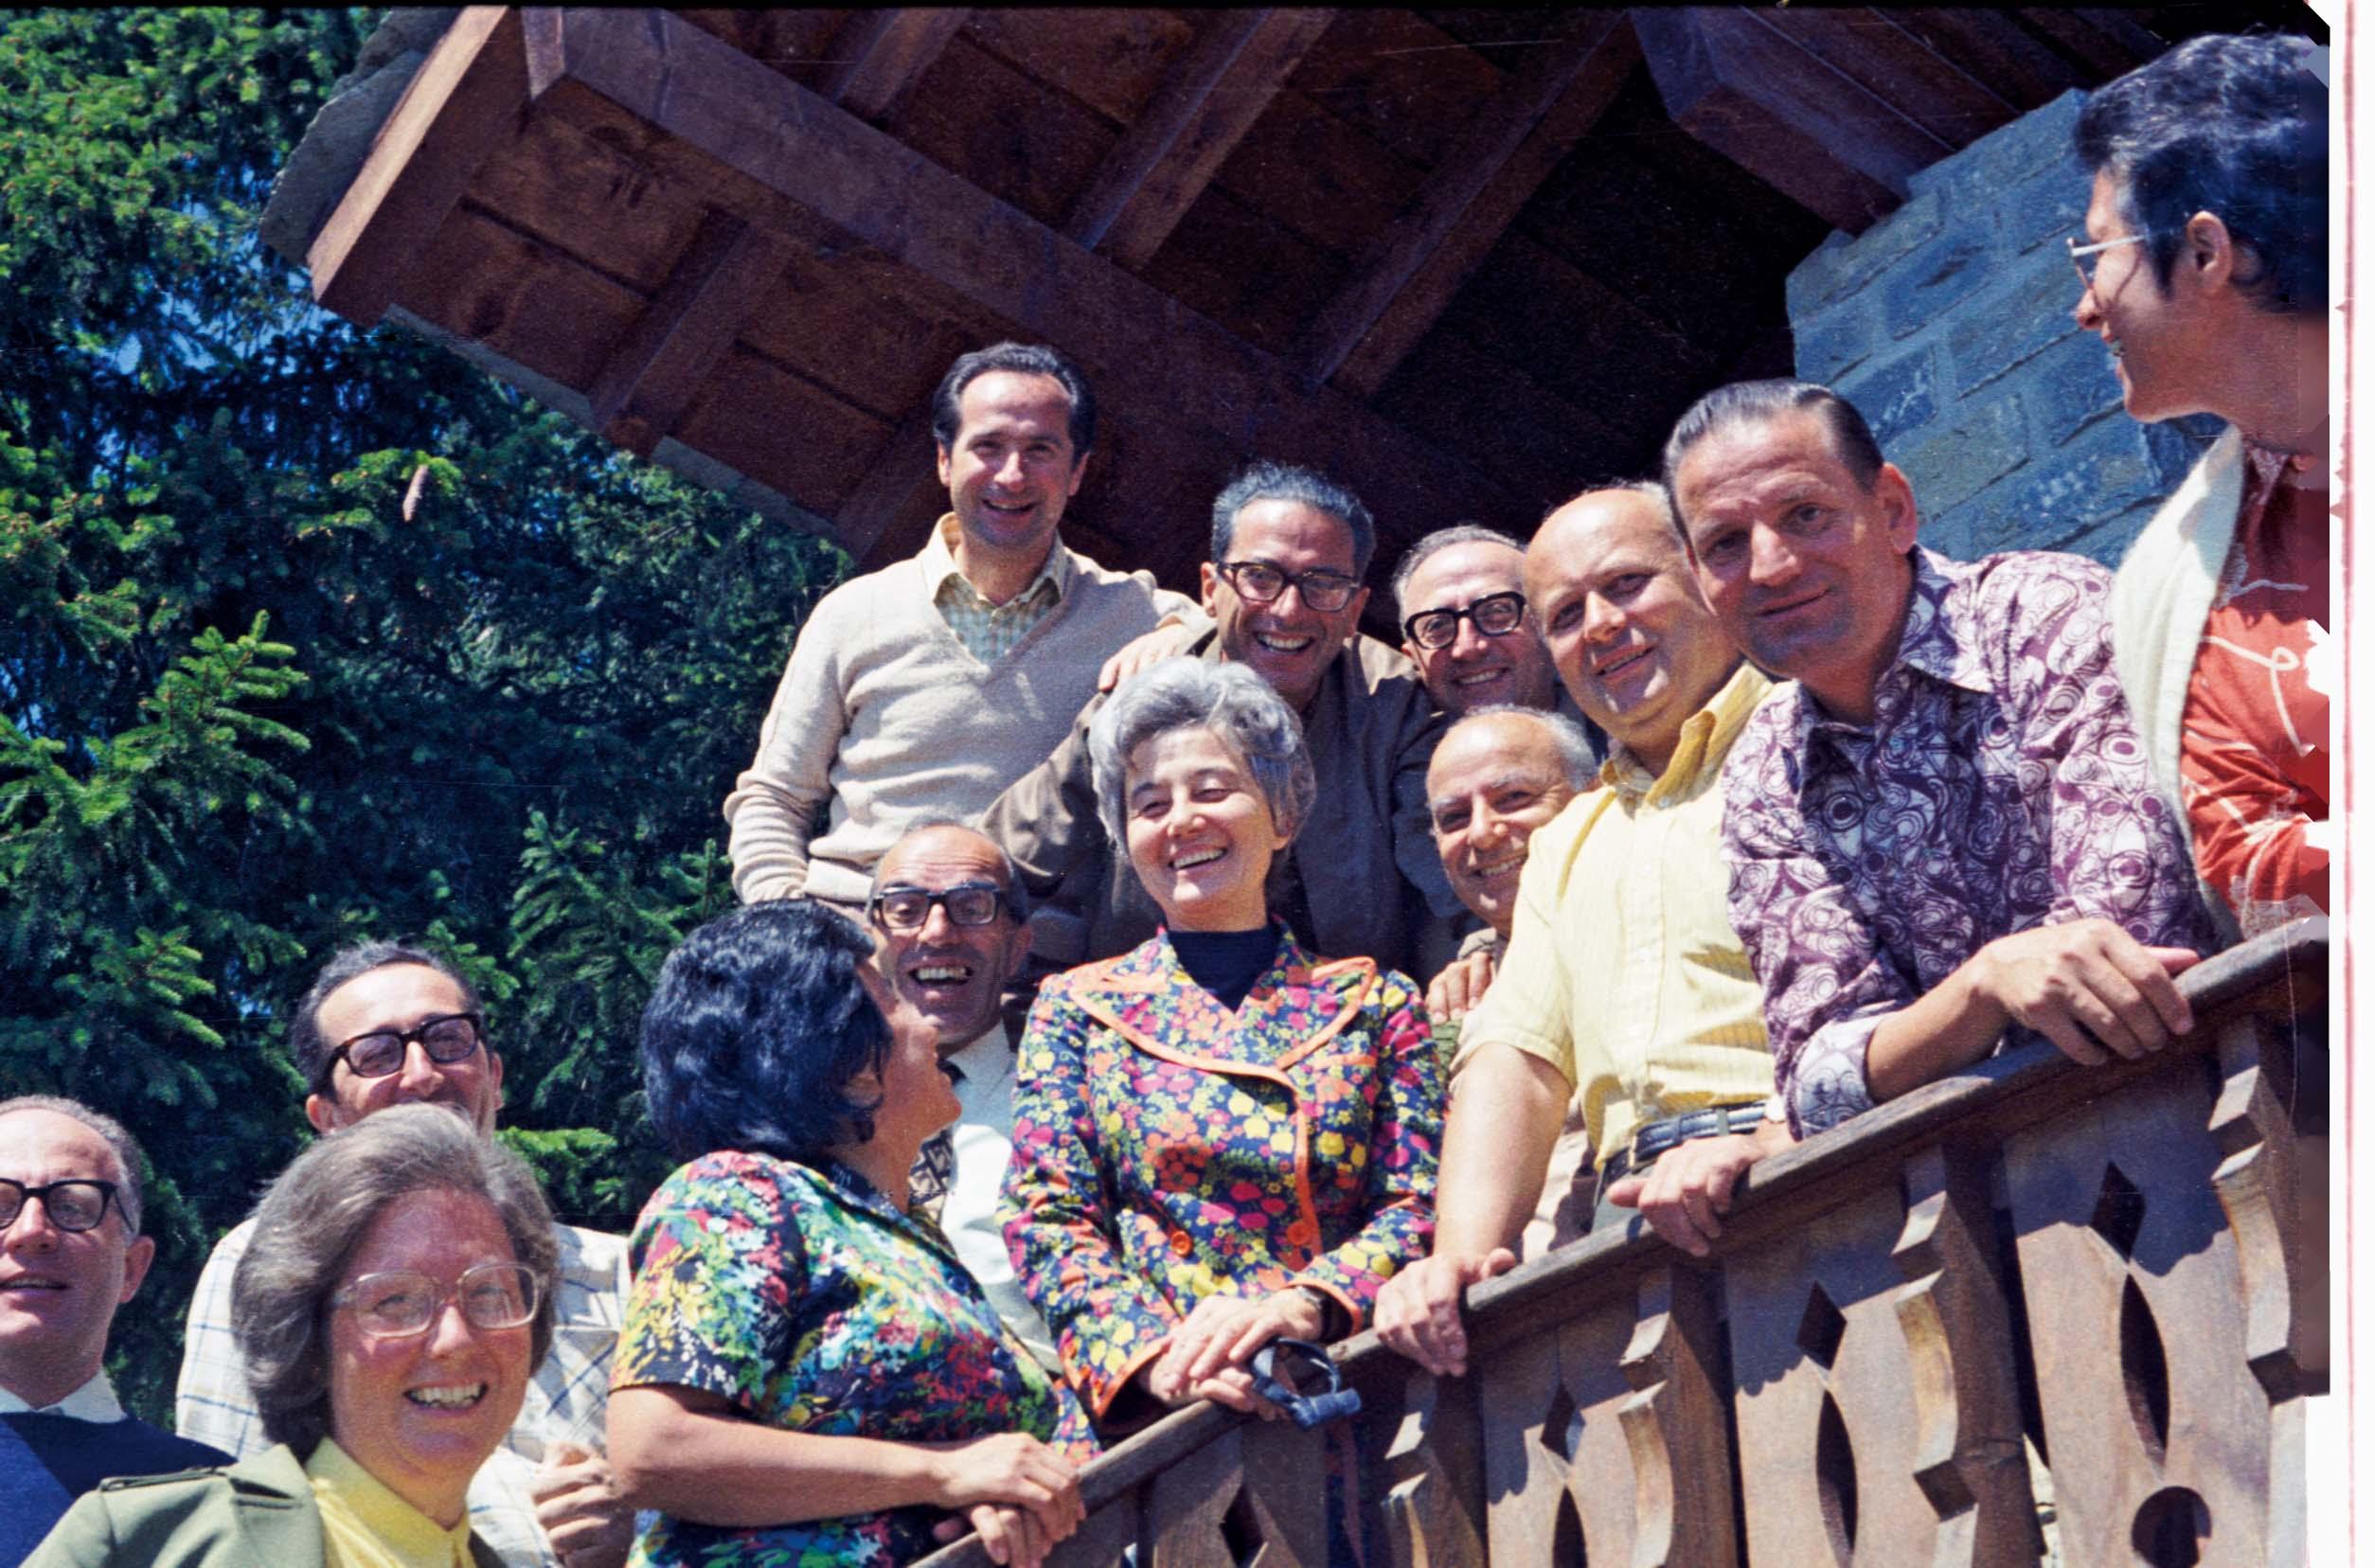 Estate 1977 - Intorno a Chiara, da sinistra: Lionello, Claretta, Guglielmo, Bruna, don Silvano, Fede, Vitaliano, padre Novo, Antonio, Cari, Marco, Palmira.